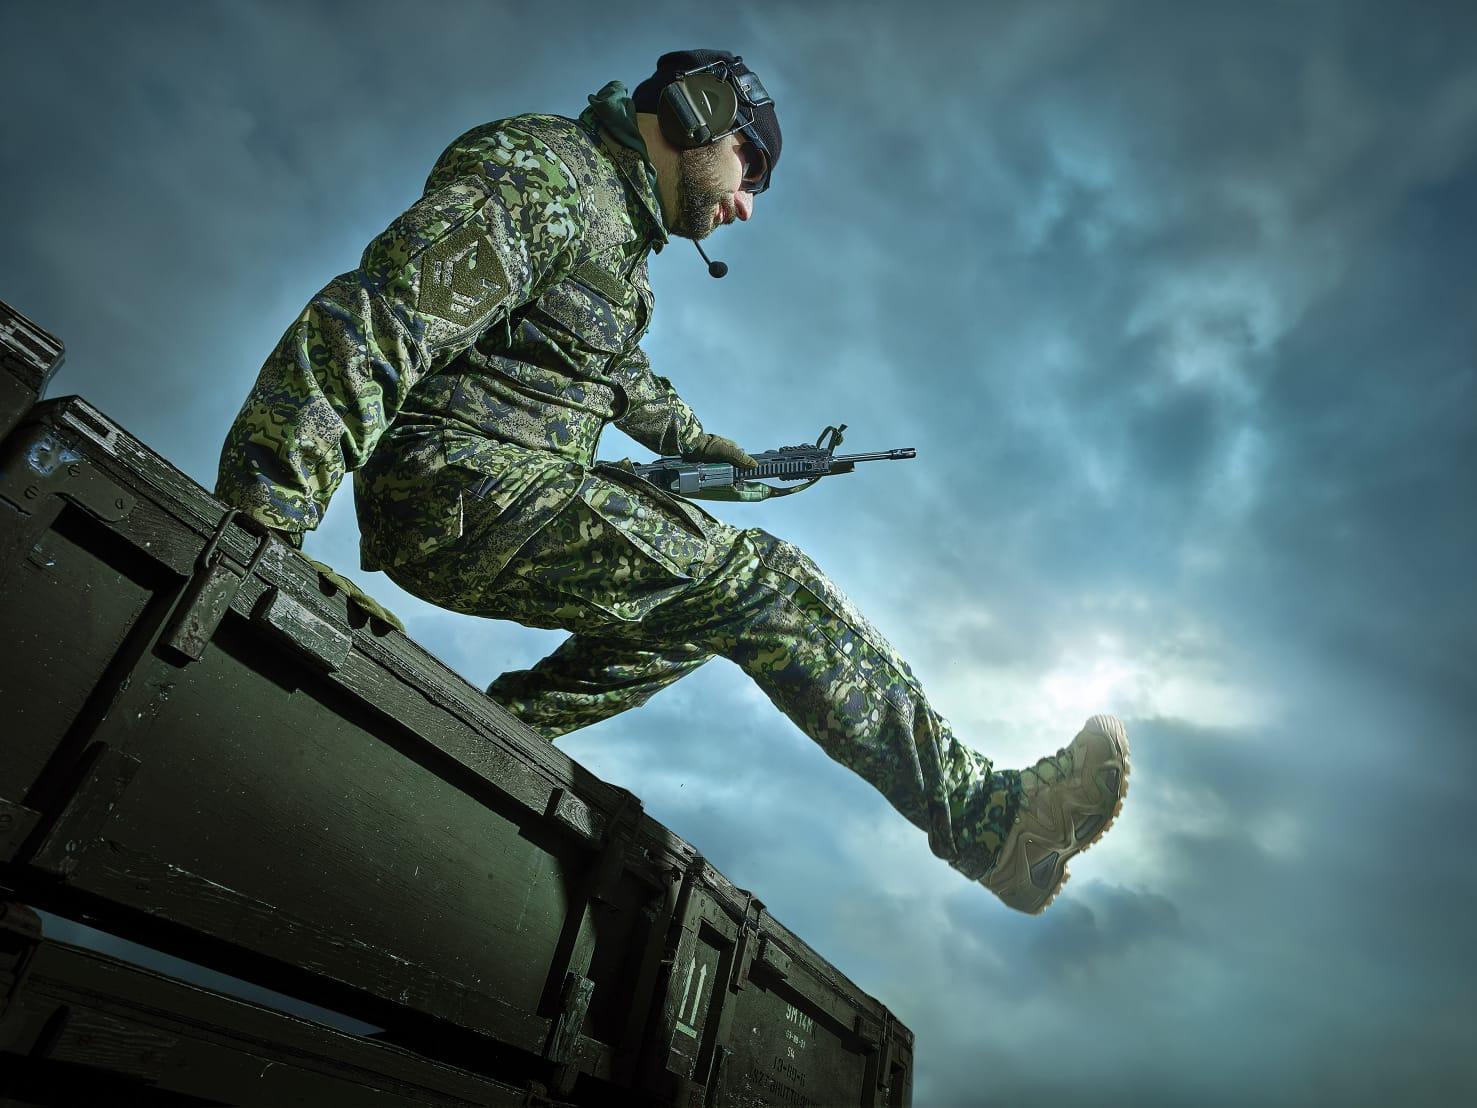 mężczyzna w mundurze w kamuflażu MAPA od Maskpol skacze przez płot; trzyma replikę ASG